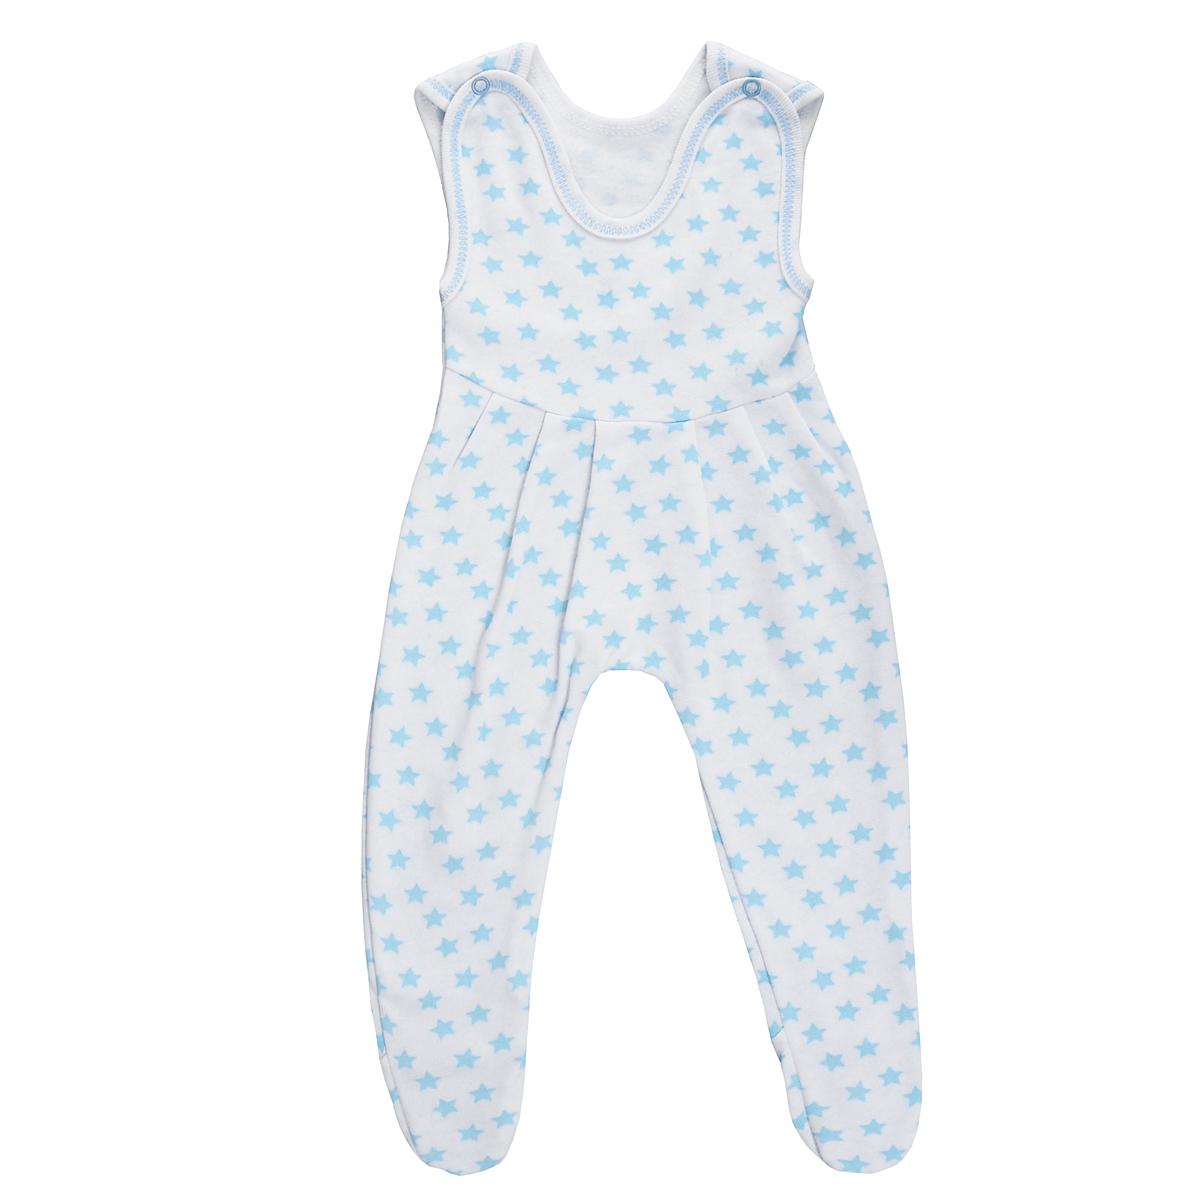 Ползунки5221Ползунки с грудкой Трон-плюс - очень удобный и практичный вид одежды для малышей. Ползунки выполнены из футера - натурального хлопка, благодаря чему они необычайно мягкие, тепленькие и приятные на ощупь, не раздражают нежную кожу ребенка и хорошо вентилируются, а эластичные швы приятны телу младенца и не препятствуют его движениям. Ползунки с закрытыми ножками, застегивающиеся сверху на две кнопочки, идеально подойдут вашему ребенку, обеспечивая ему наибольший комфорт, подходят для ношения с подгузником и без него. От линии груди заложены складочки, придающие изделию оригинальность. Ползунки с грудкой полностью соответствуют особенностям жизни младенца в ранний период, не стесняя и не ограничивая его в движениях!